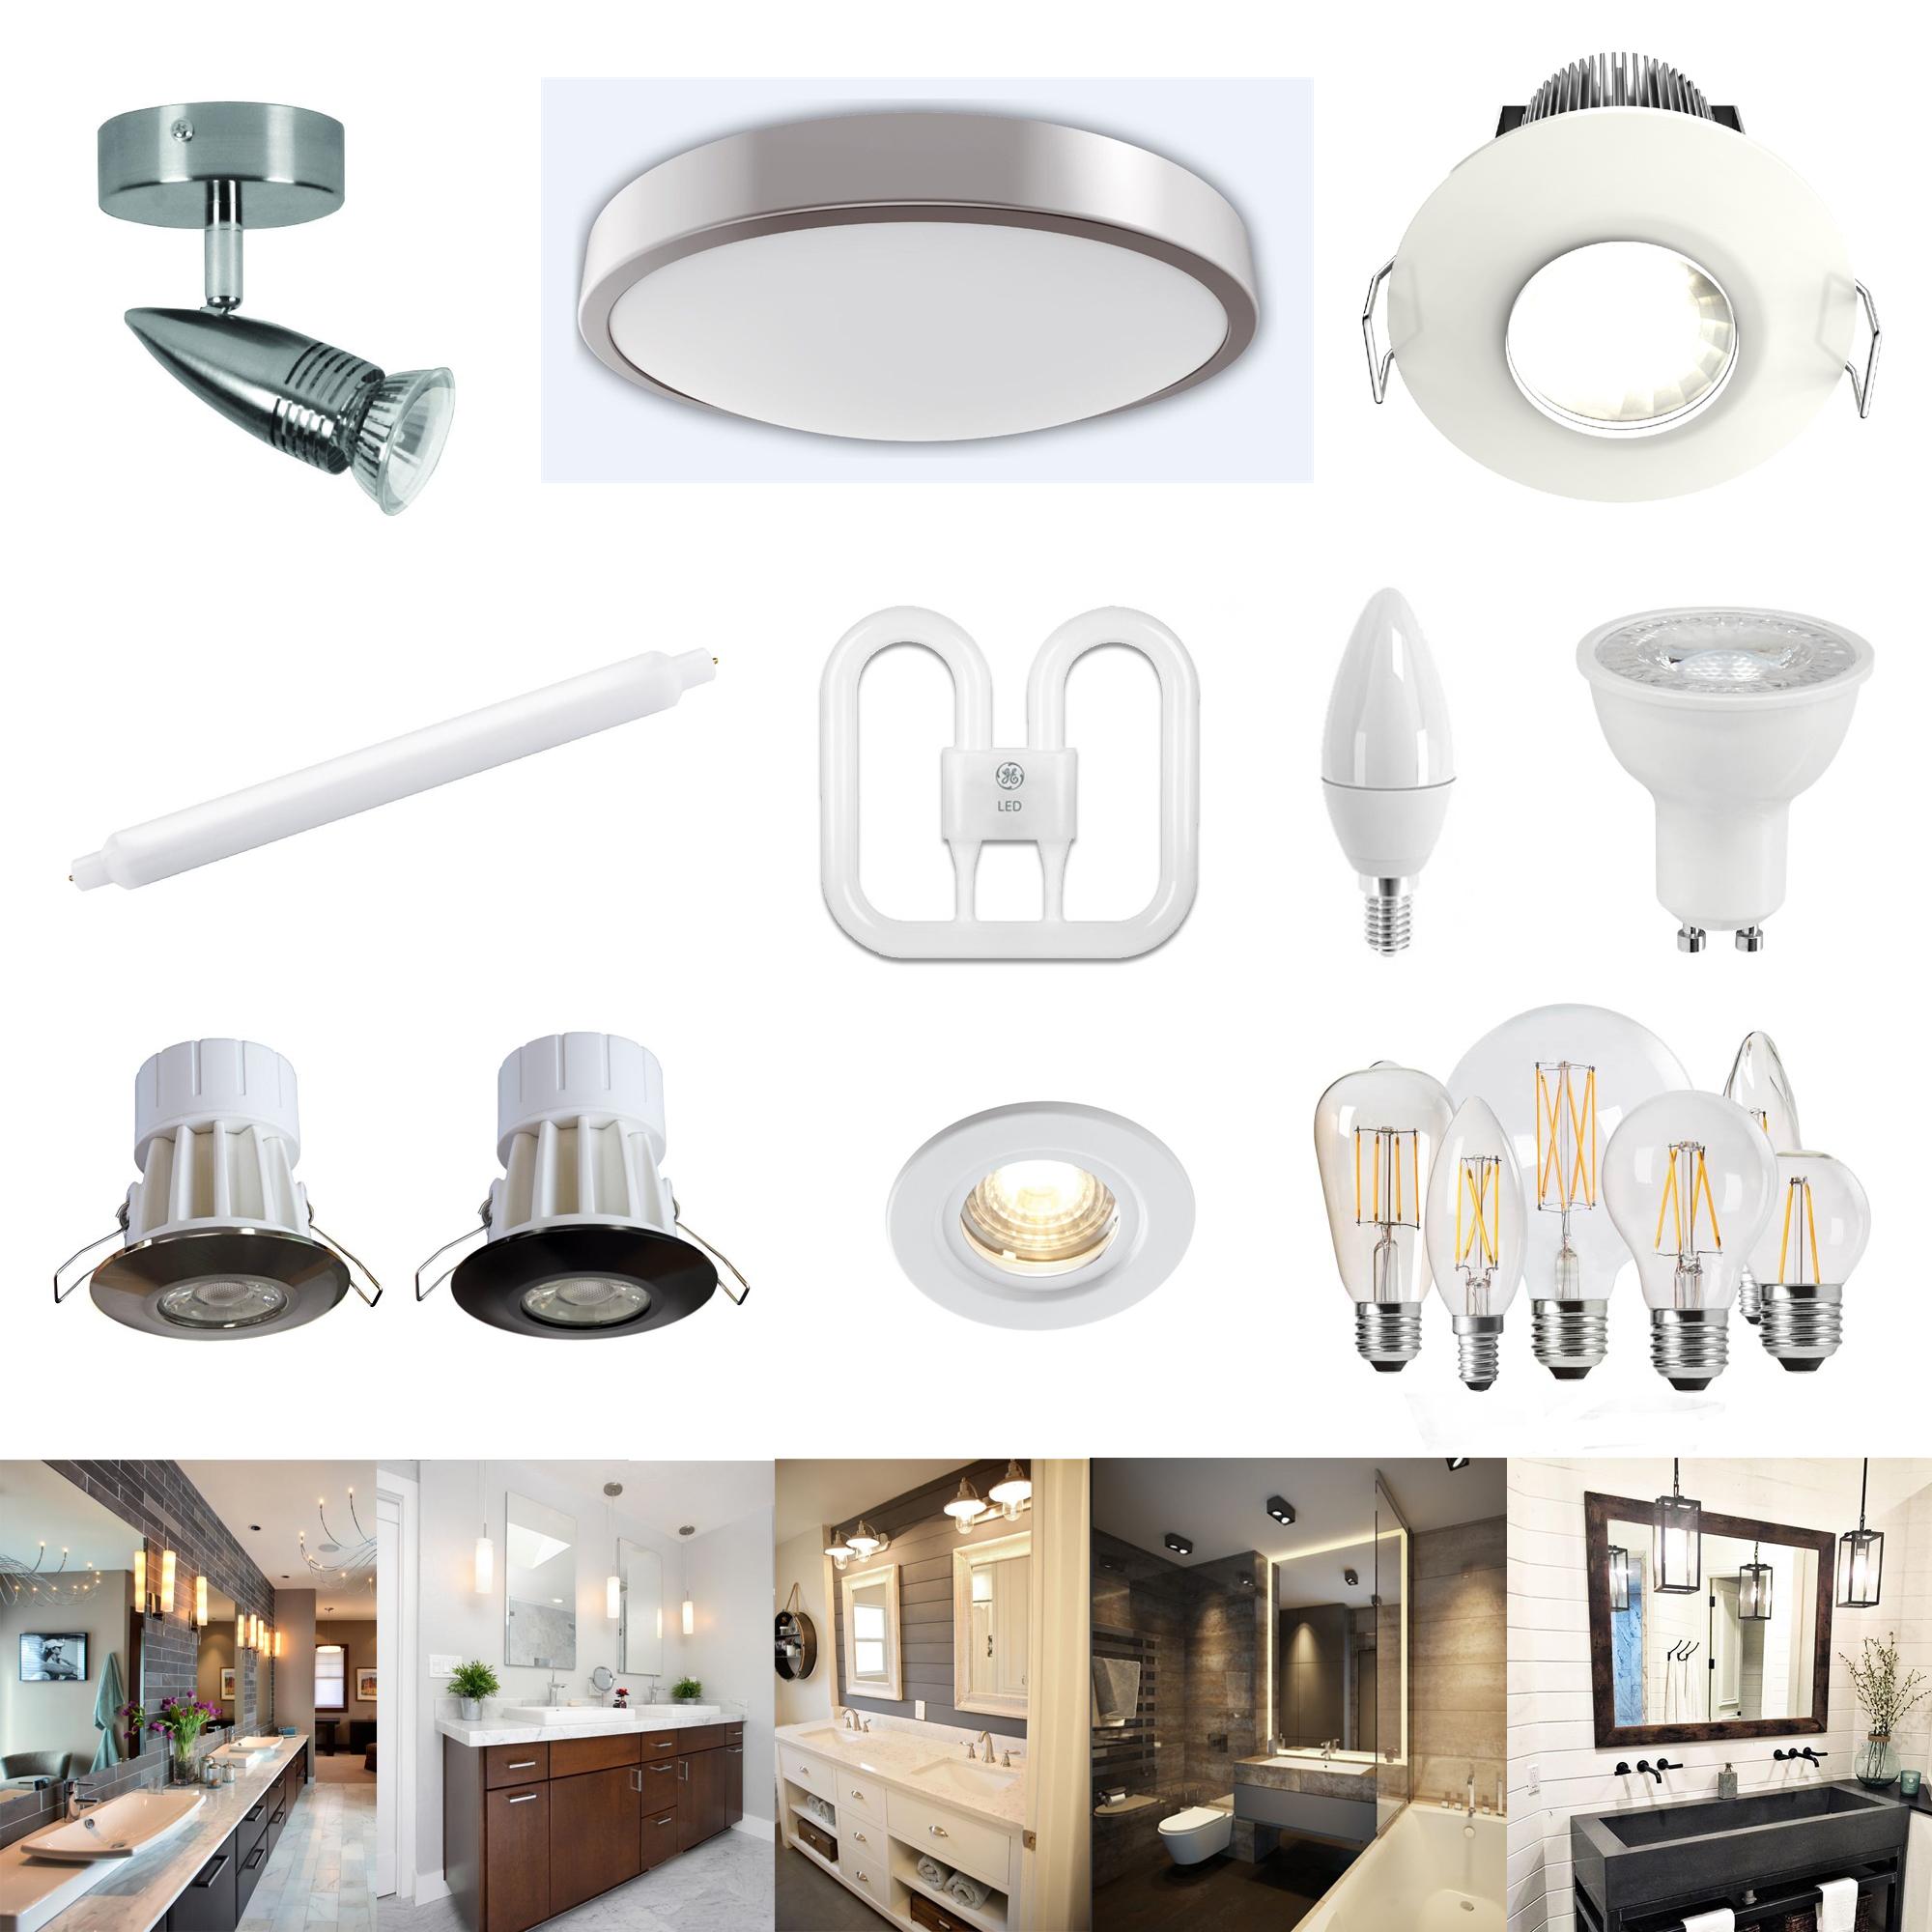 badezimmer beleuchtung led oder fluoreszierend decke strahler lampen ebay. Black Bedroom Furniture Sets. Home Design Ideas